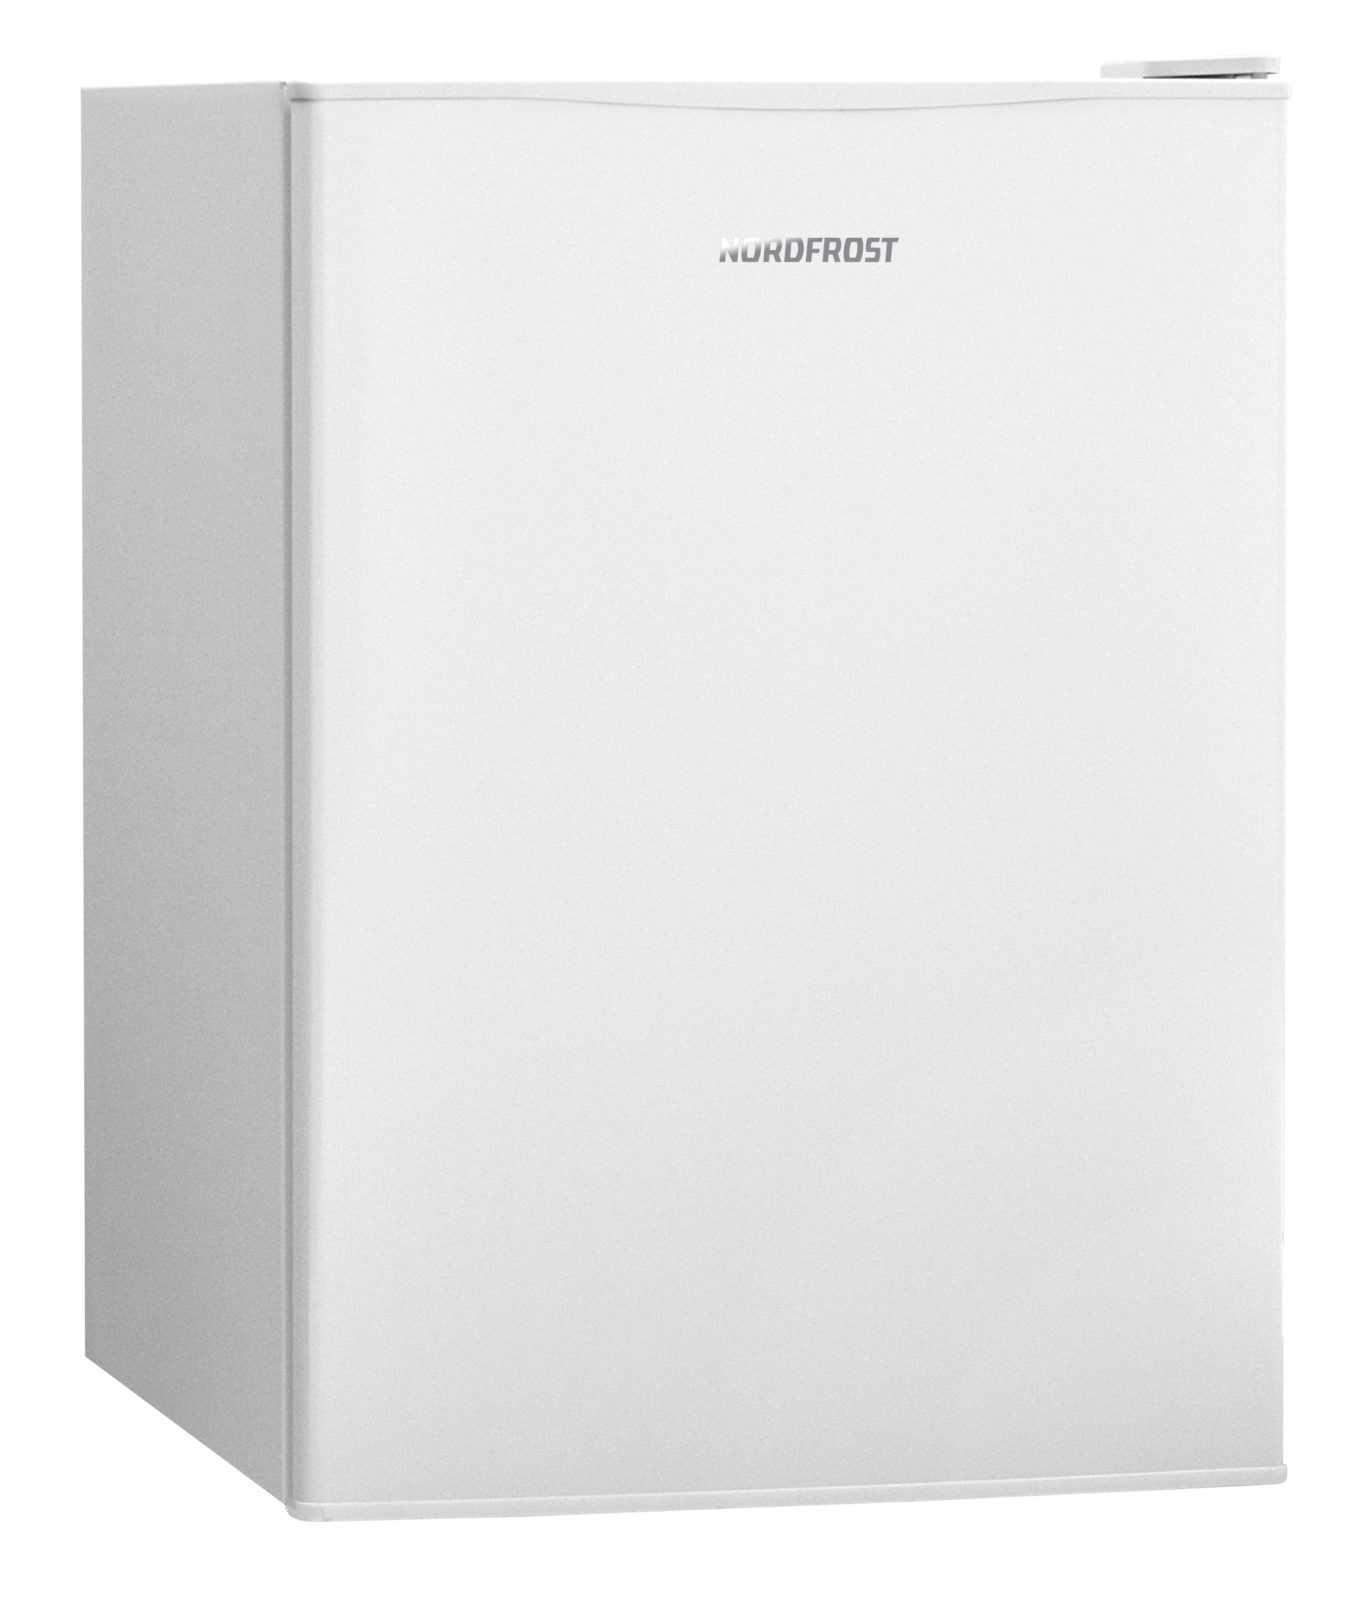 Бытовой холодильник NORDFROST DR-70